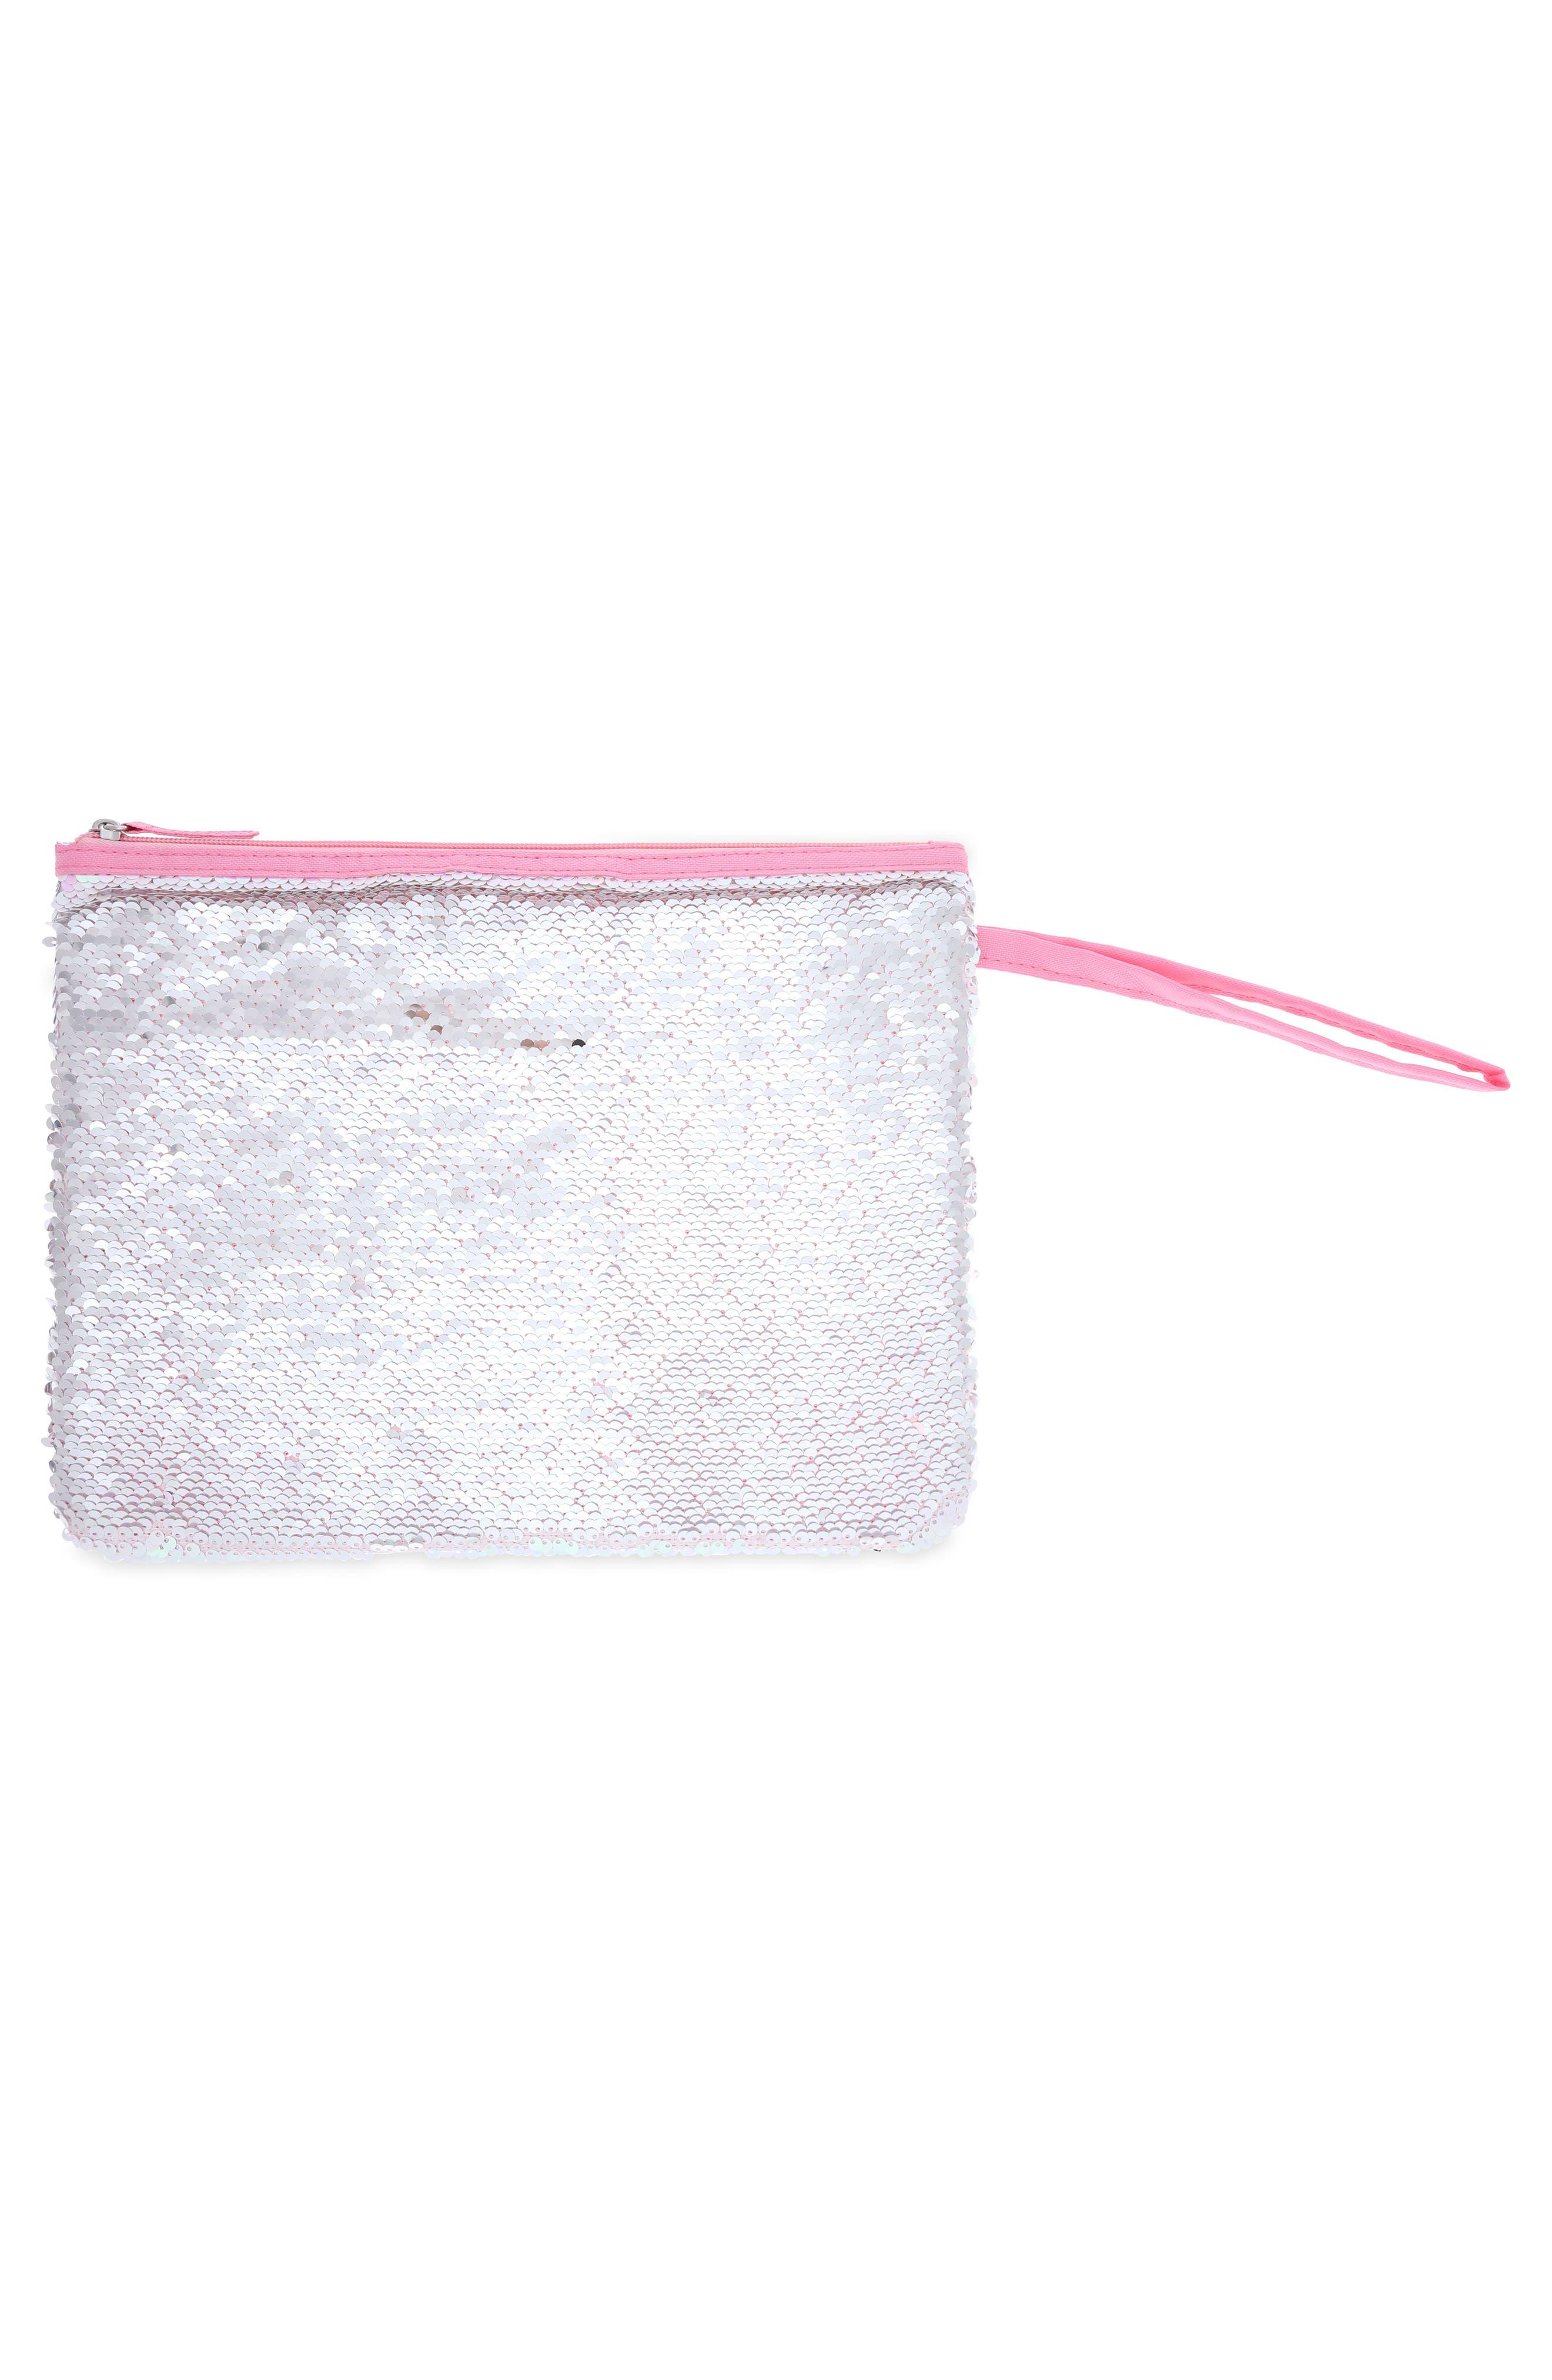 Sequin Bikini Bag,                             Alternate thumbnail 6, color,                             650